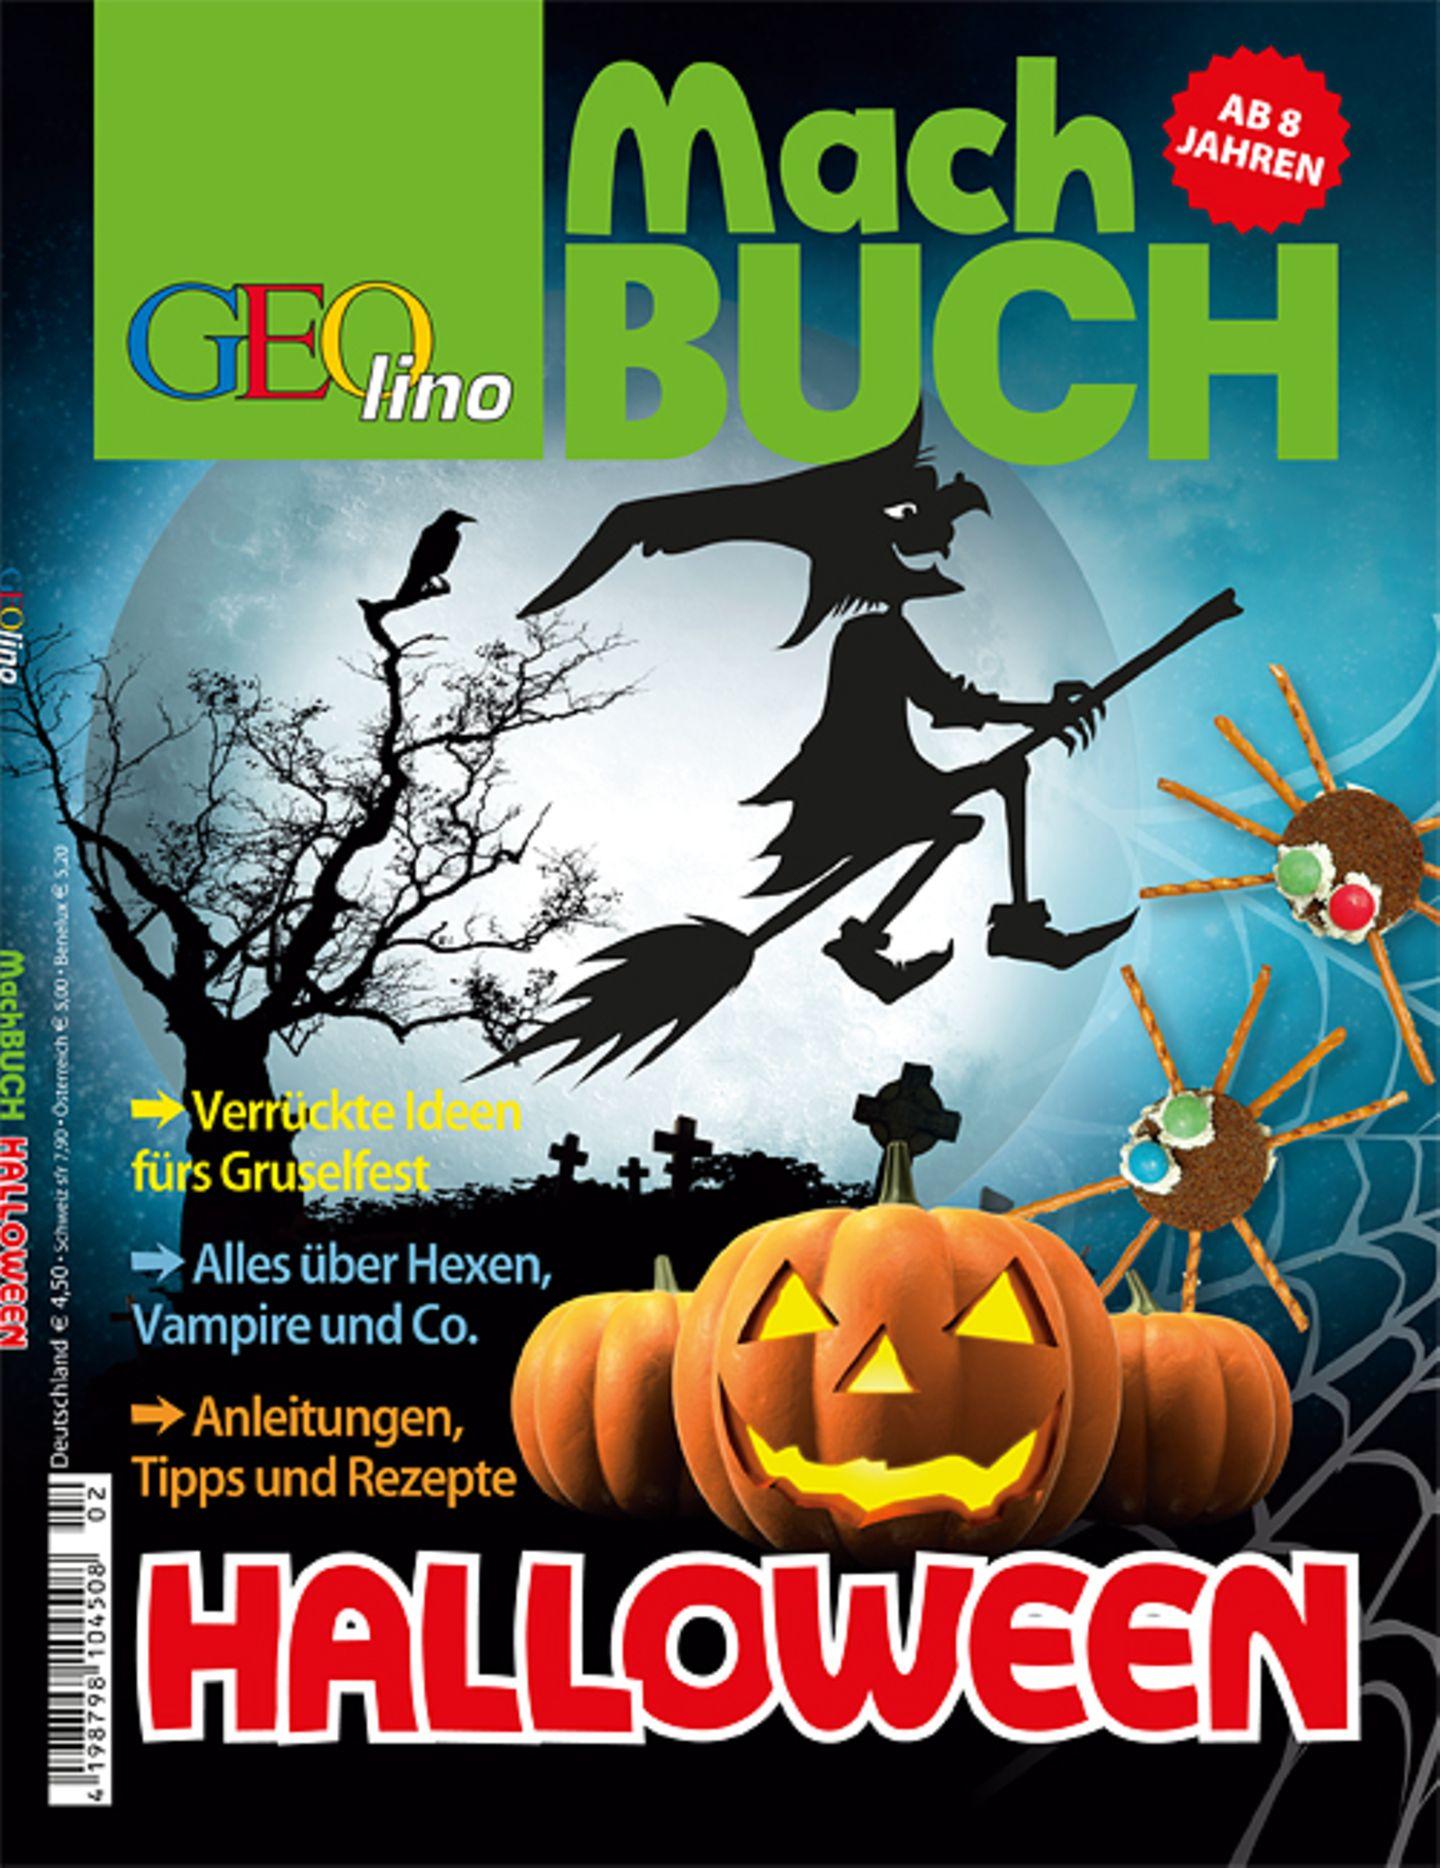 Kreativ: Das GEOlino-Machbuch: Halloween